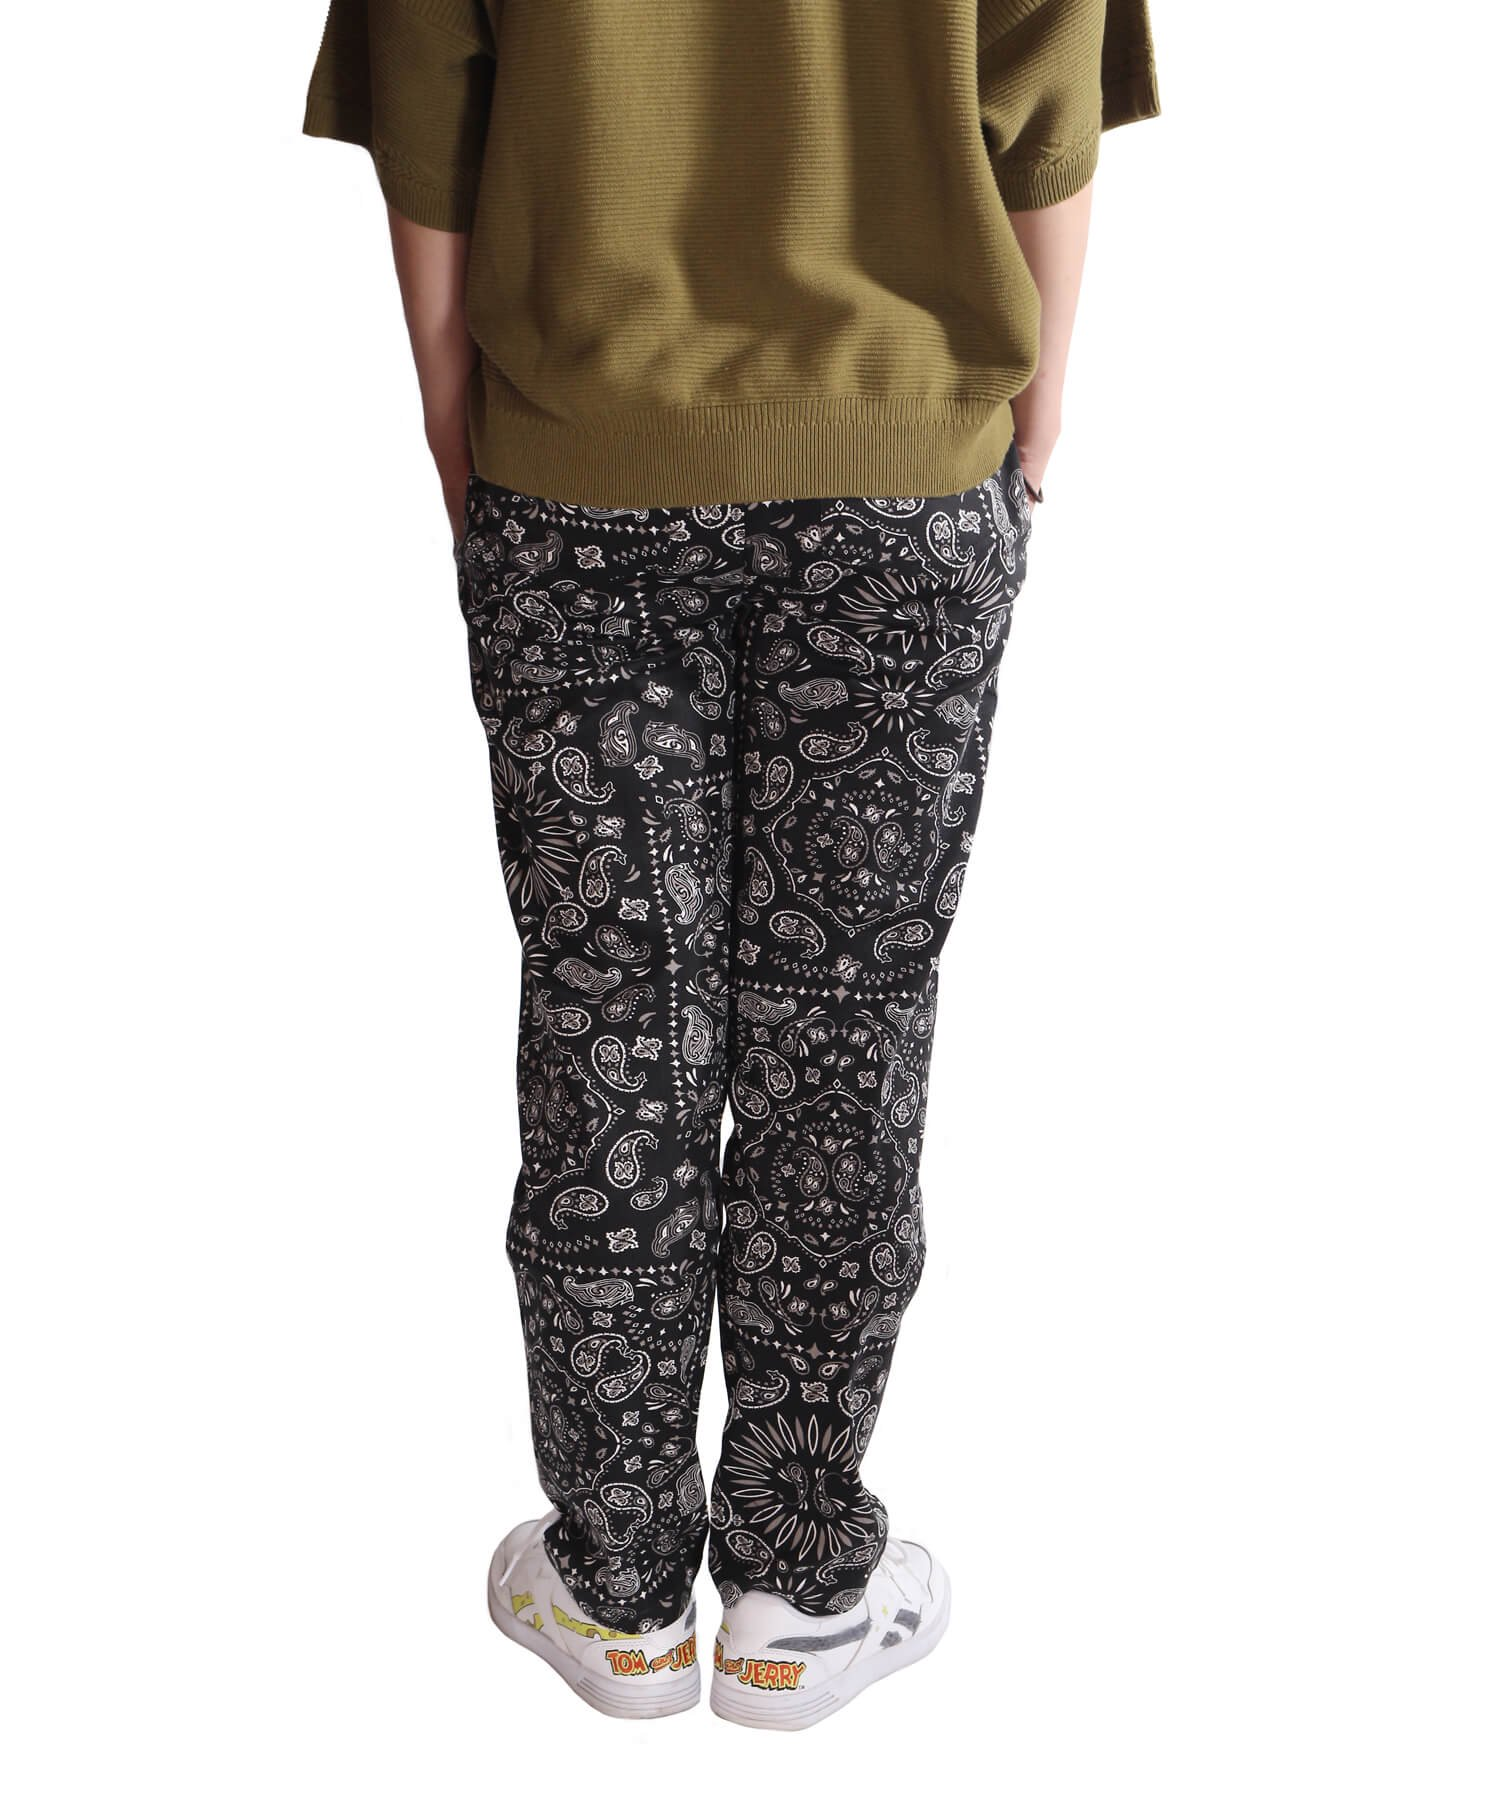 COOKMAN / クックマン   WAITER'S PANTS (PAISLEY BLACK):ウェイターズパンツ 商品画像22